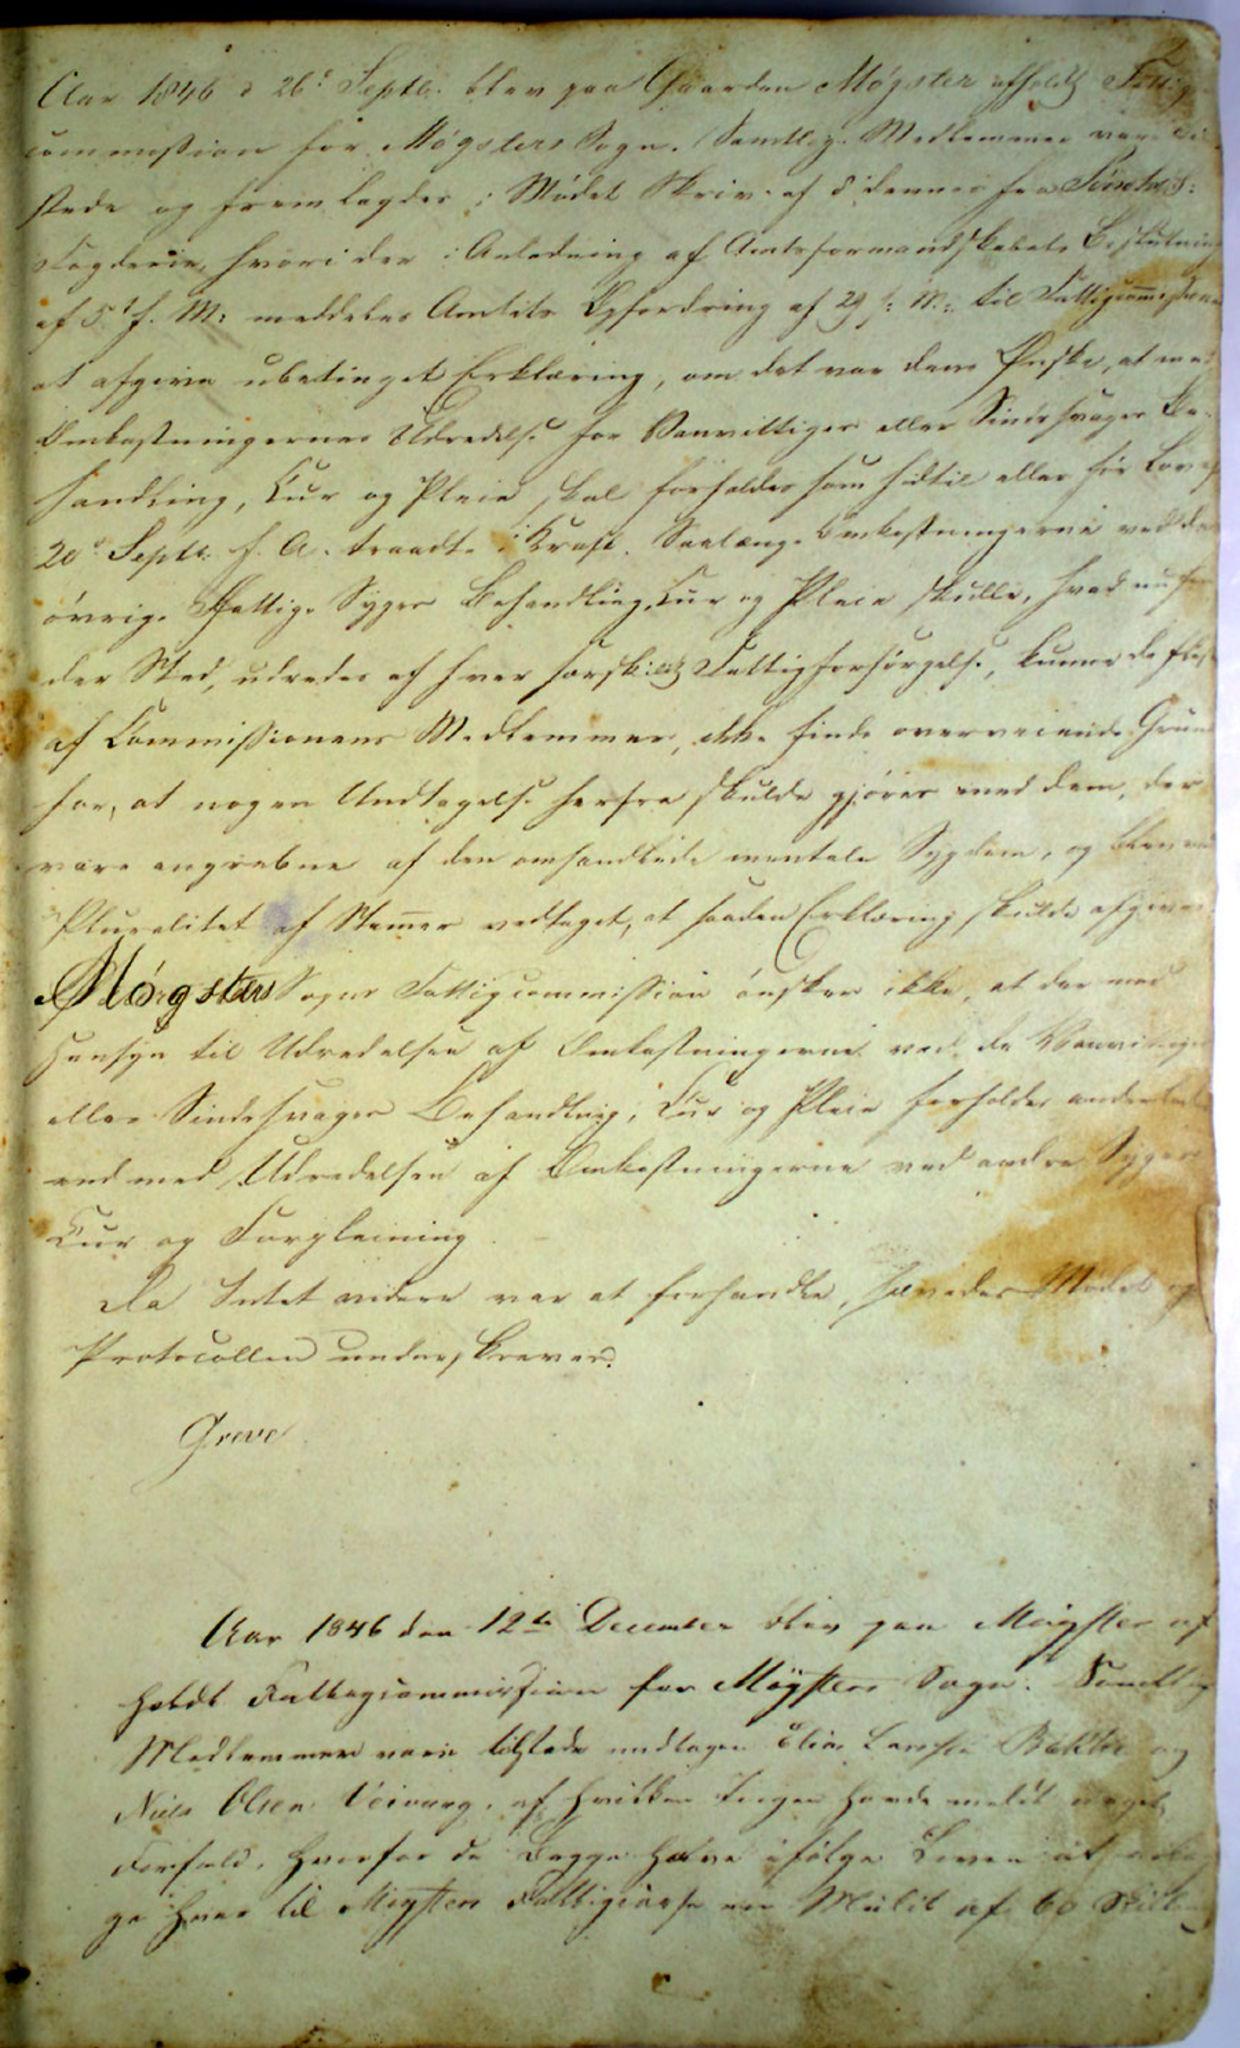 IKAH, Austevoll kommune. Fattigstyret, A/Aa/L0001: Møtebok for Møgster fattigkommisjon / fattigstyre, 1846-1920, s. 2a